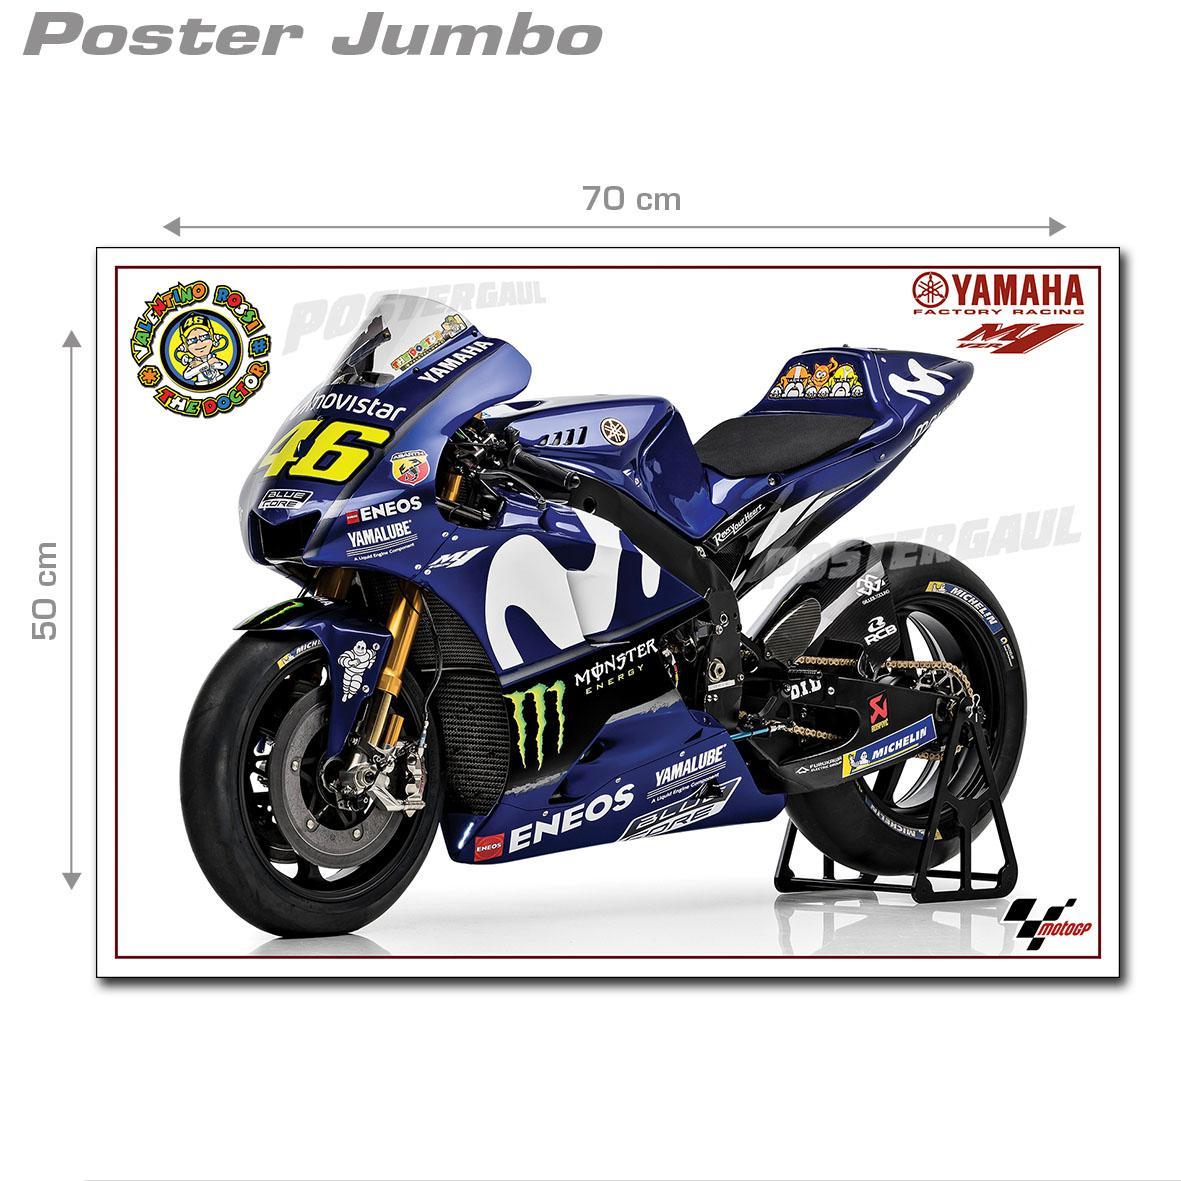 Poster Jumbo: MOTOGP 2018 YAMAHA YZR-M1 #MGP10 - ukuran 50 x 70